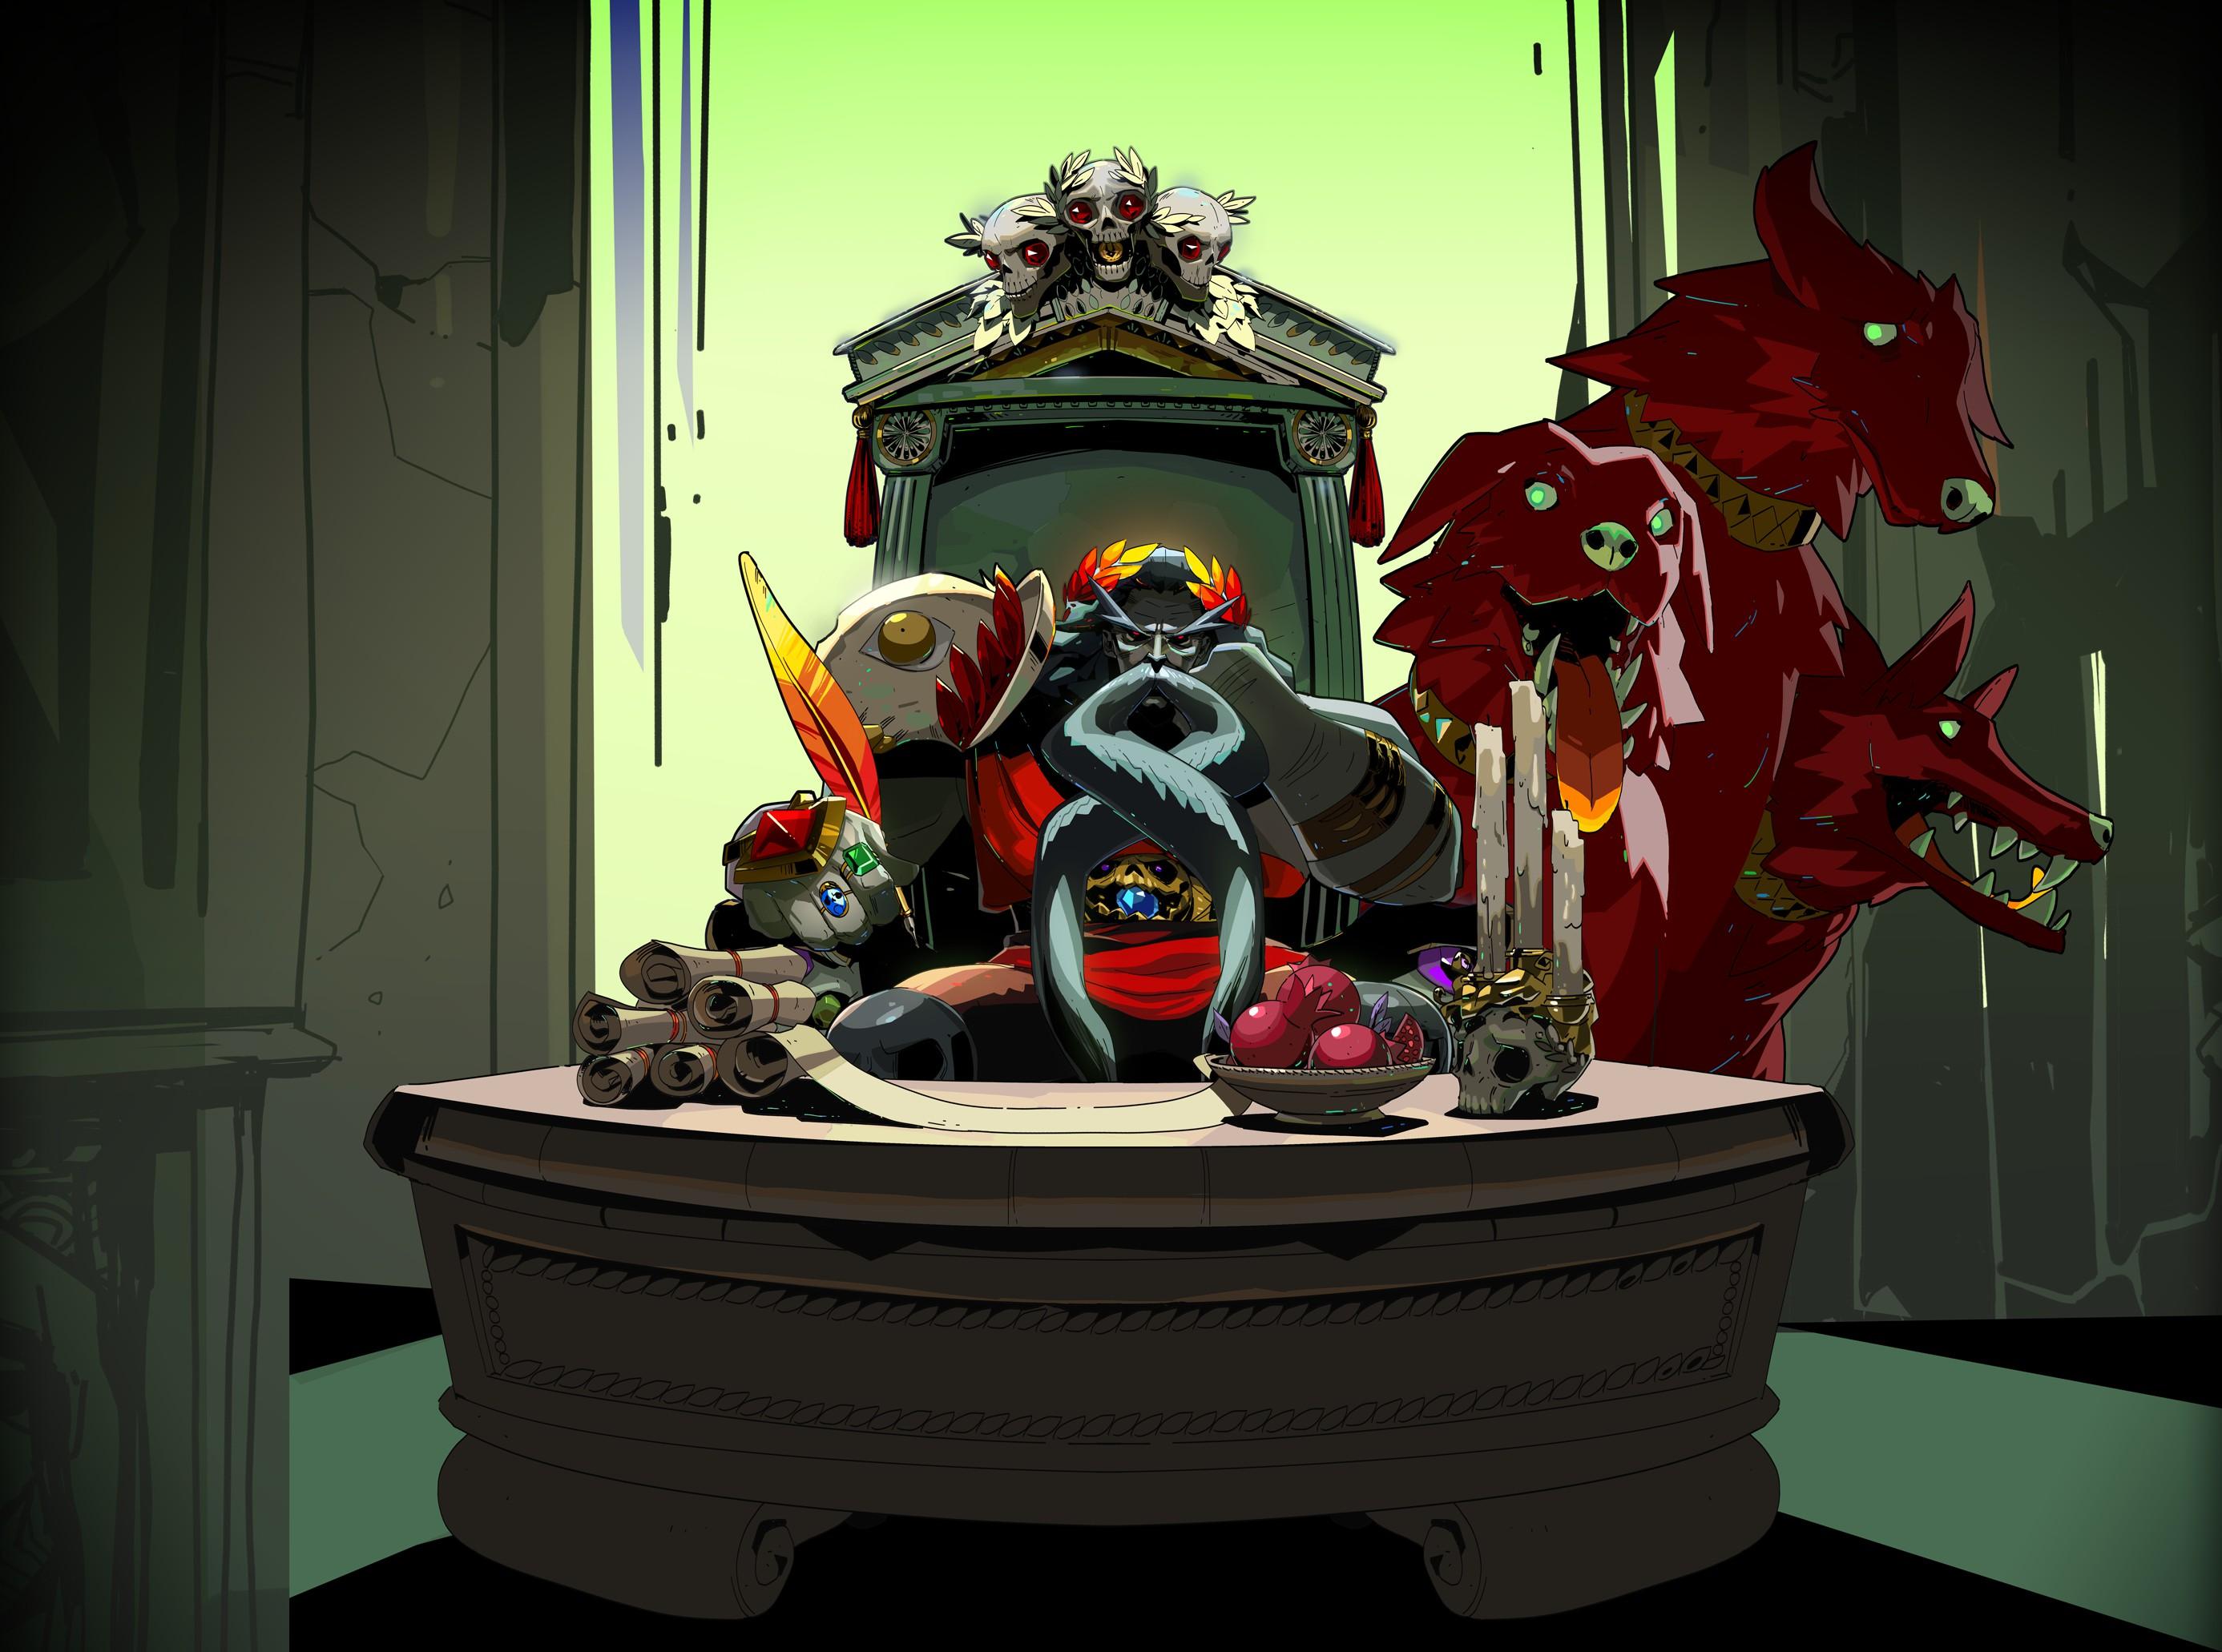 大热独立游戏作品《哈迪斯》官方艺术设定图欣赏